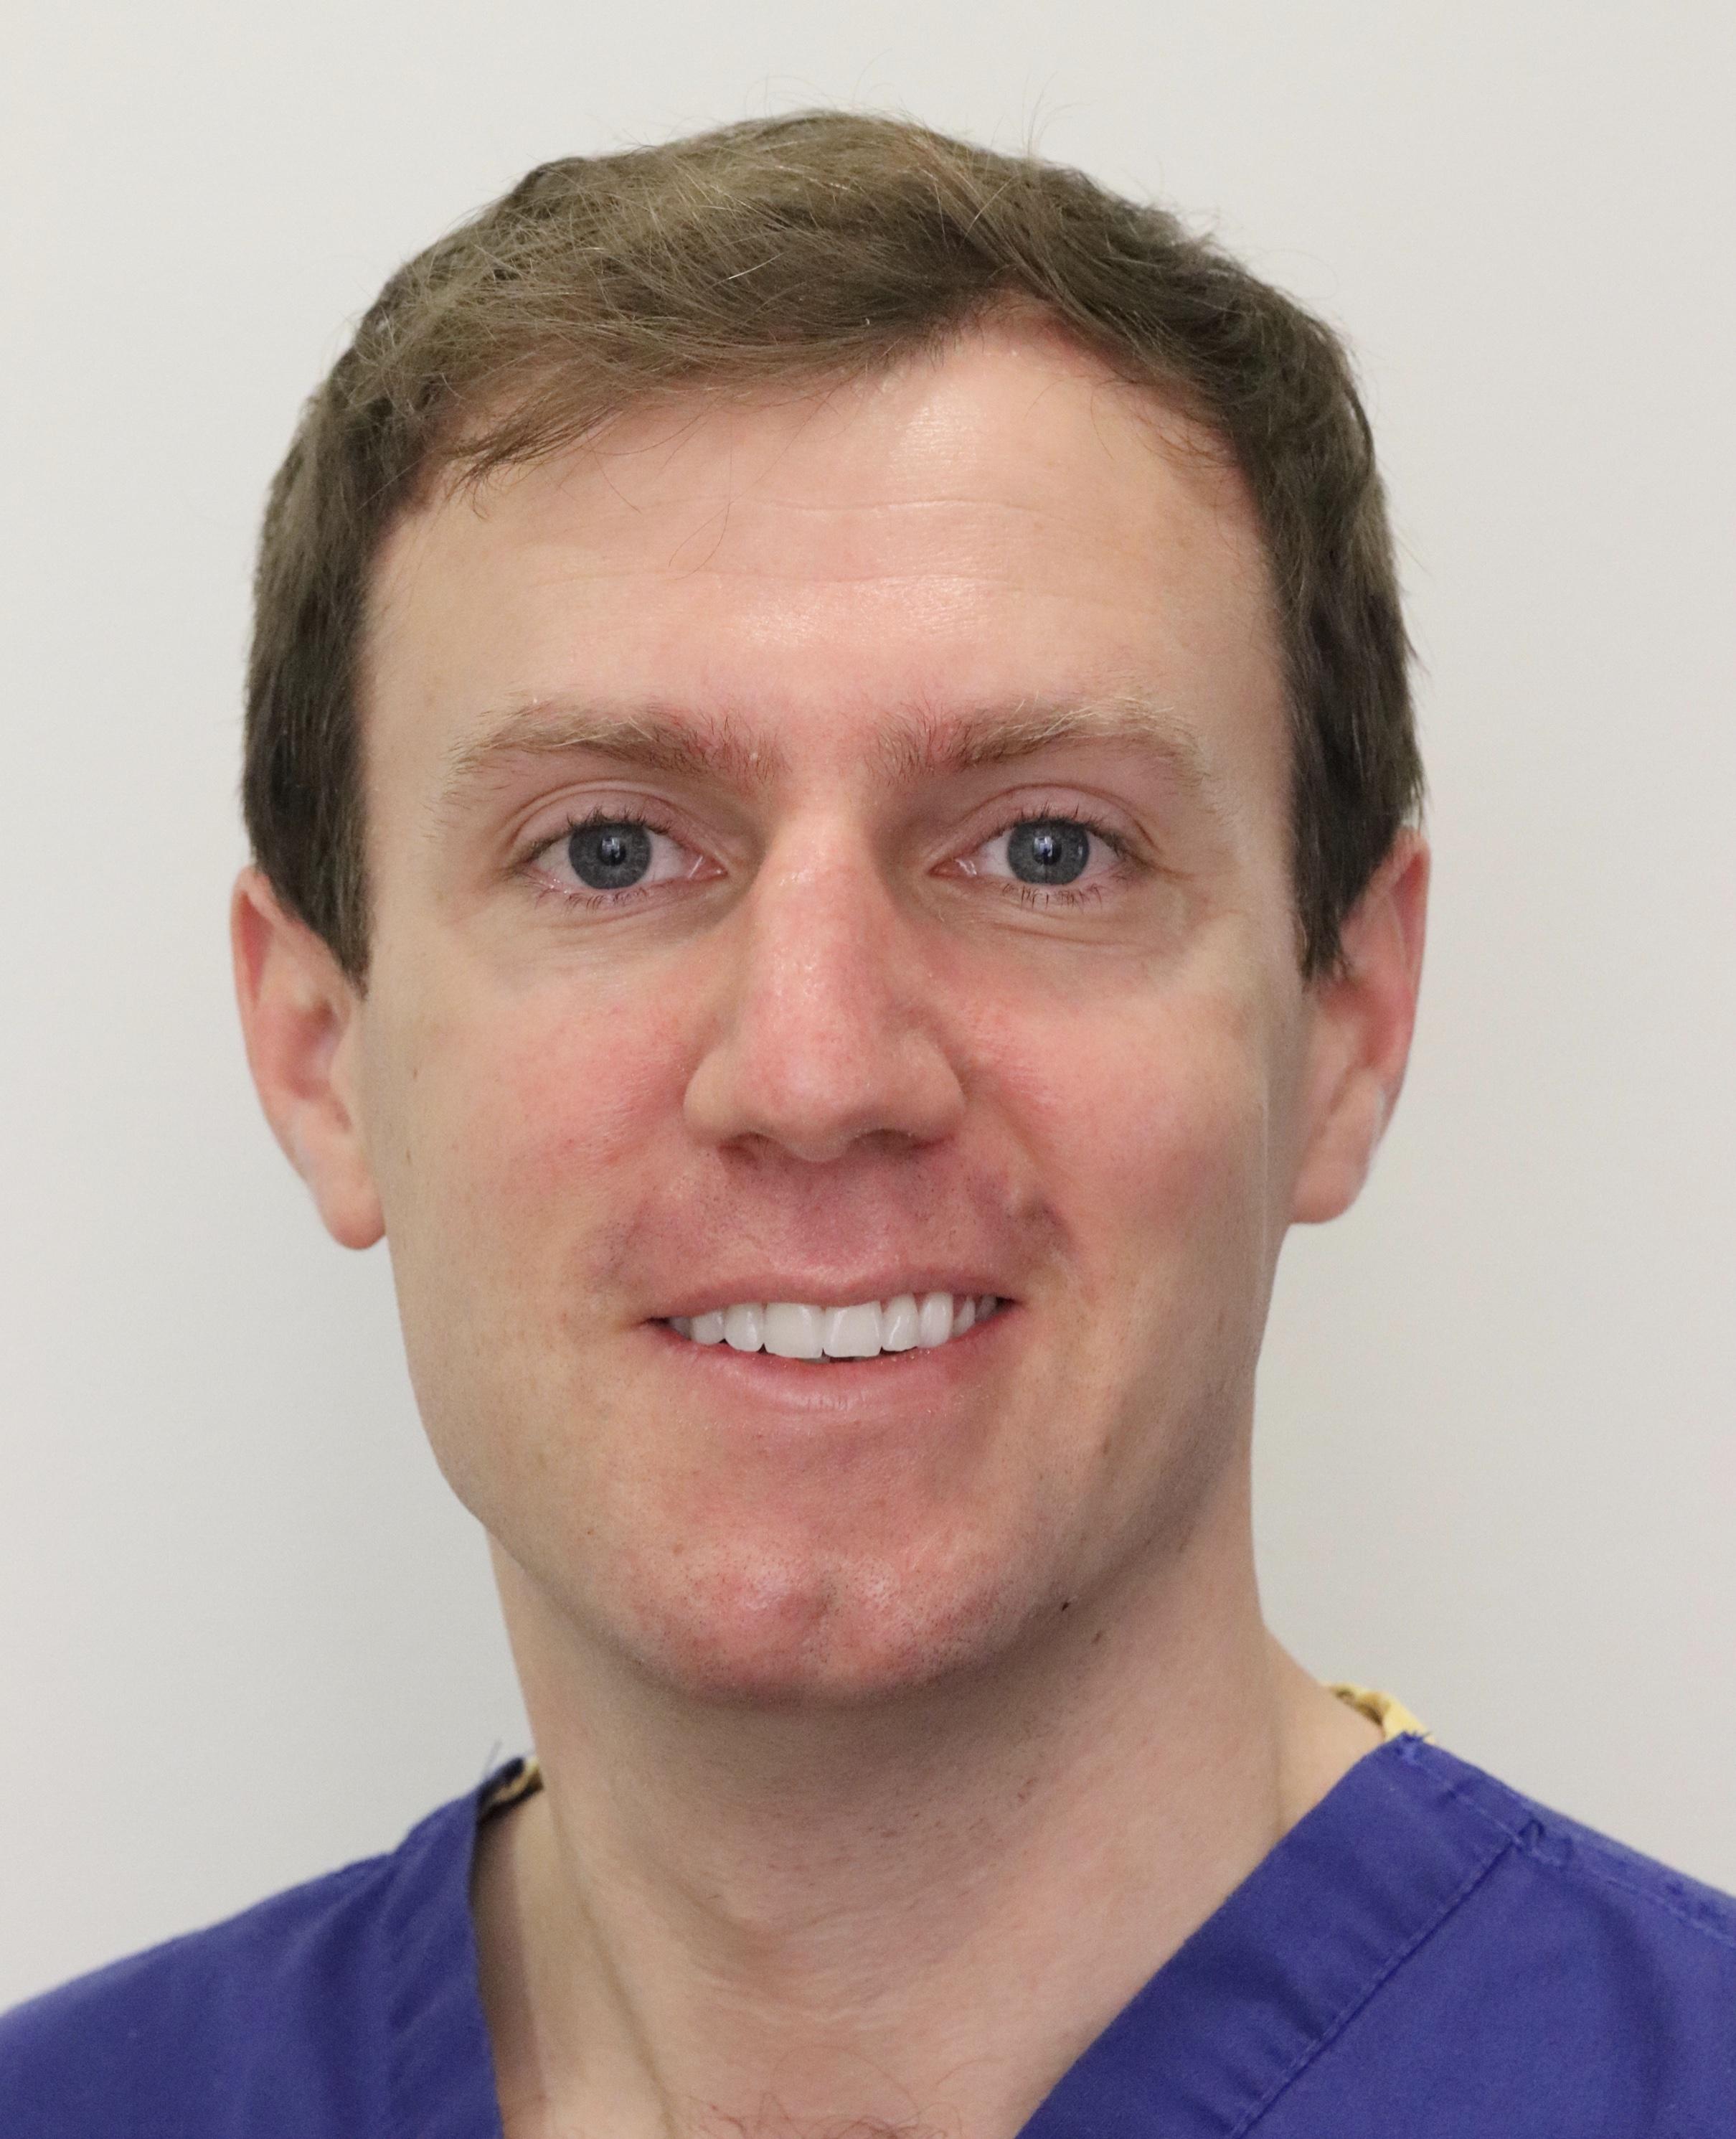 Dr. Ian Reynolds